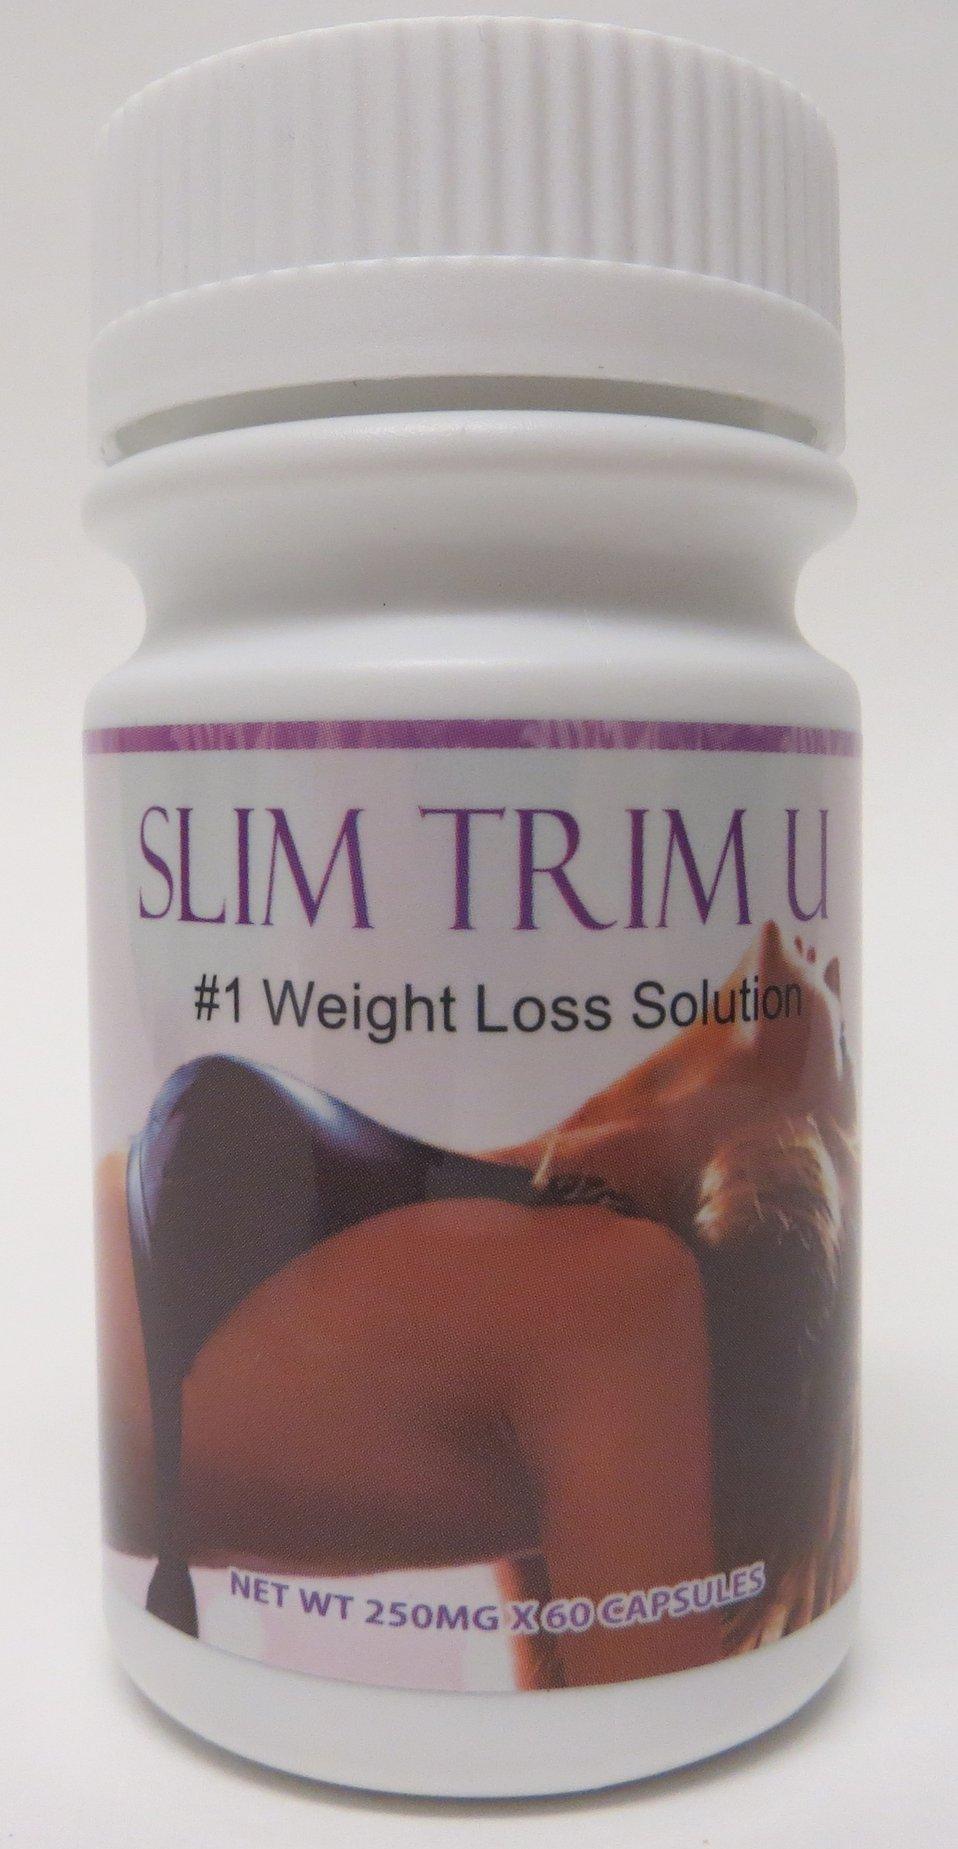 Slim Trim U